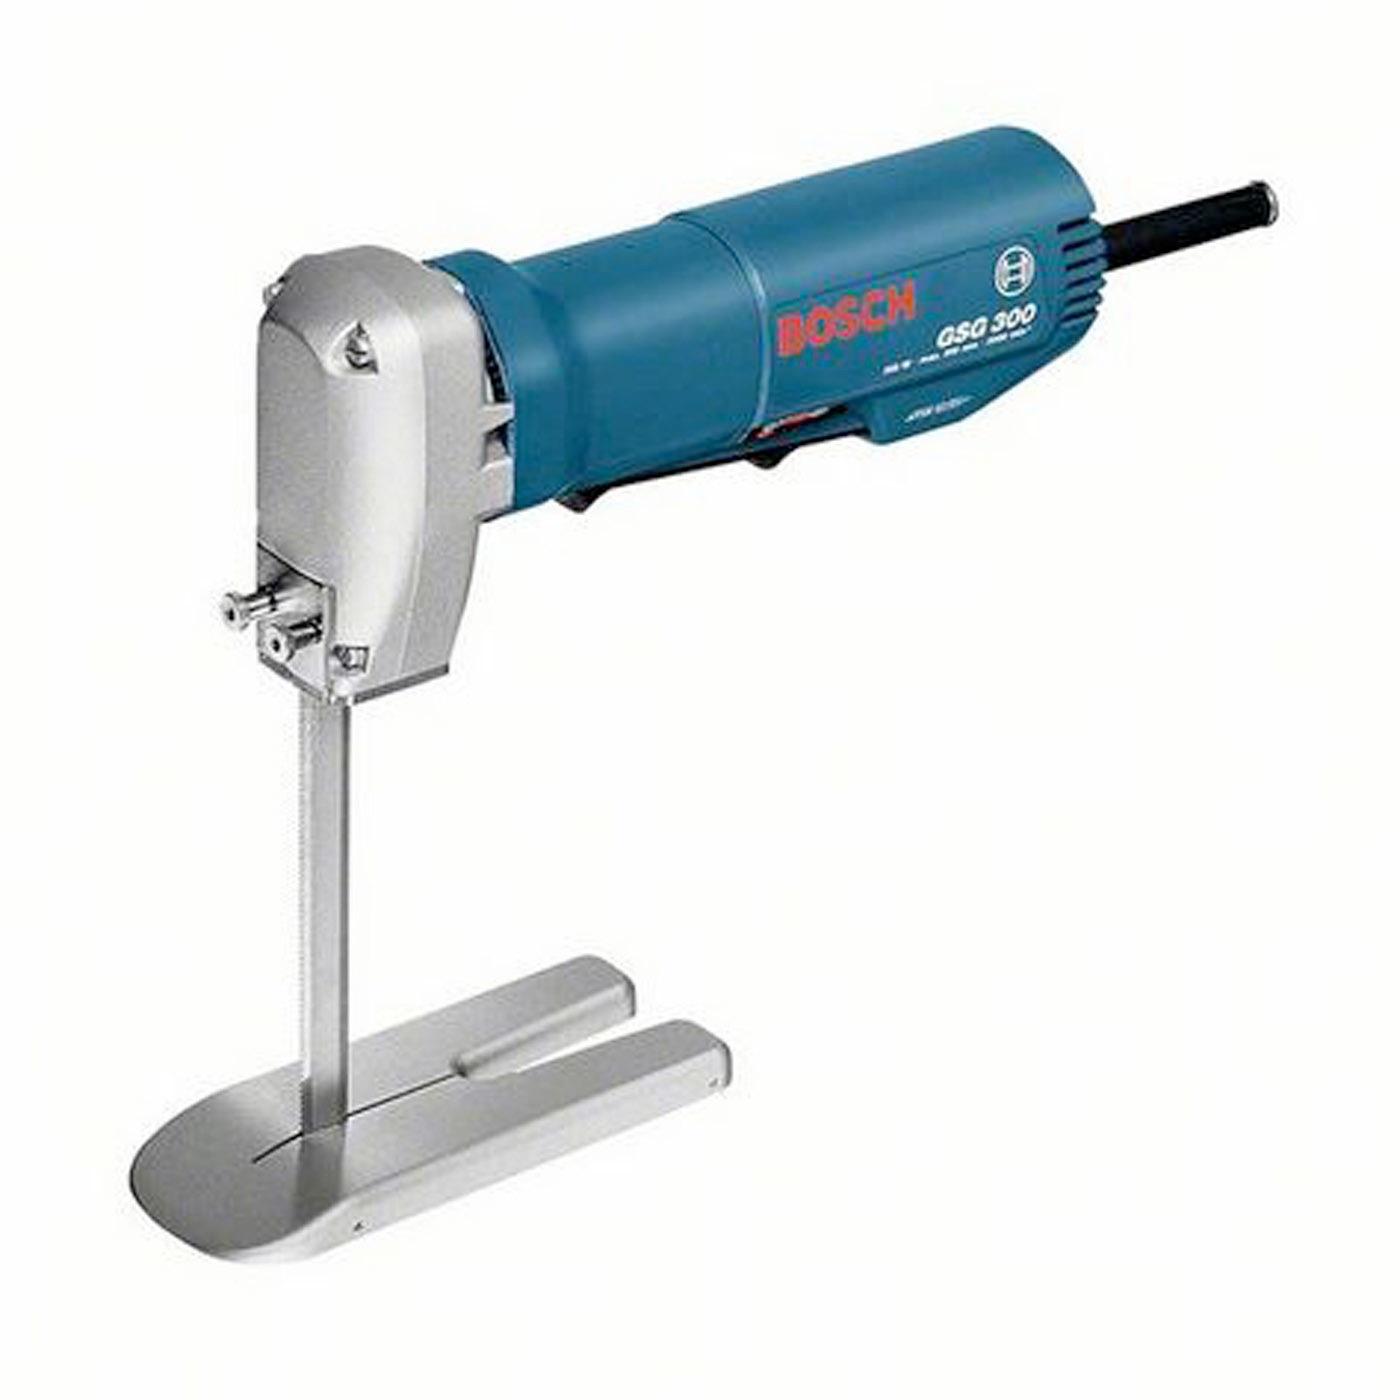 Genuine Bosch switch gsg300 universal foam rubber cutter cutting